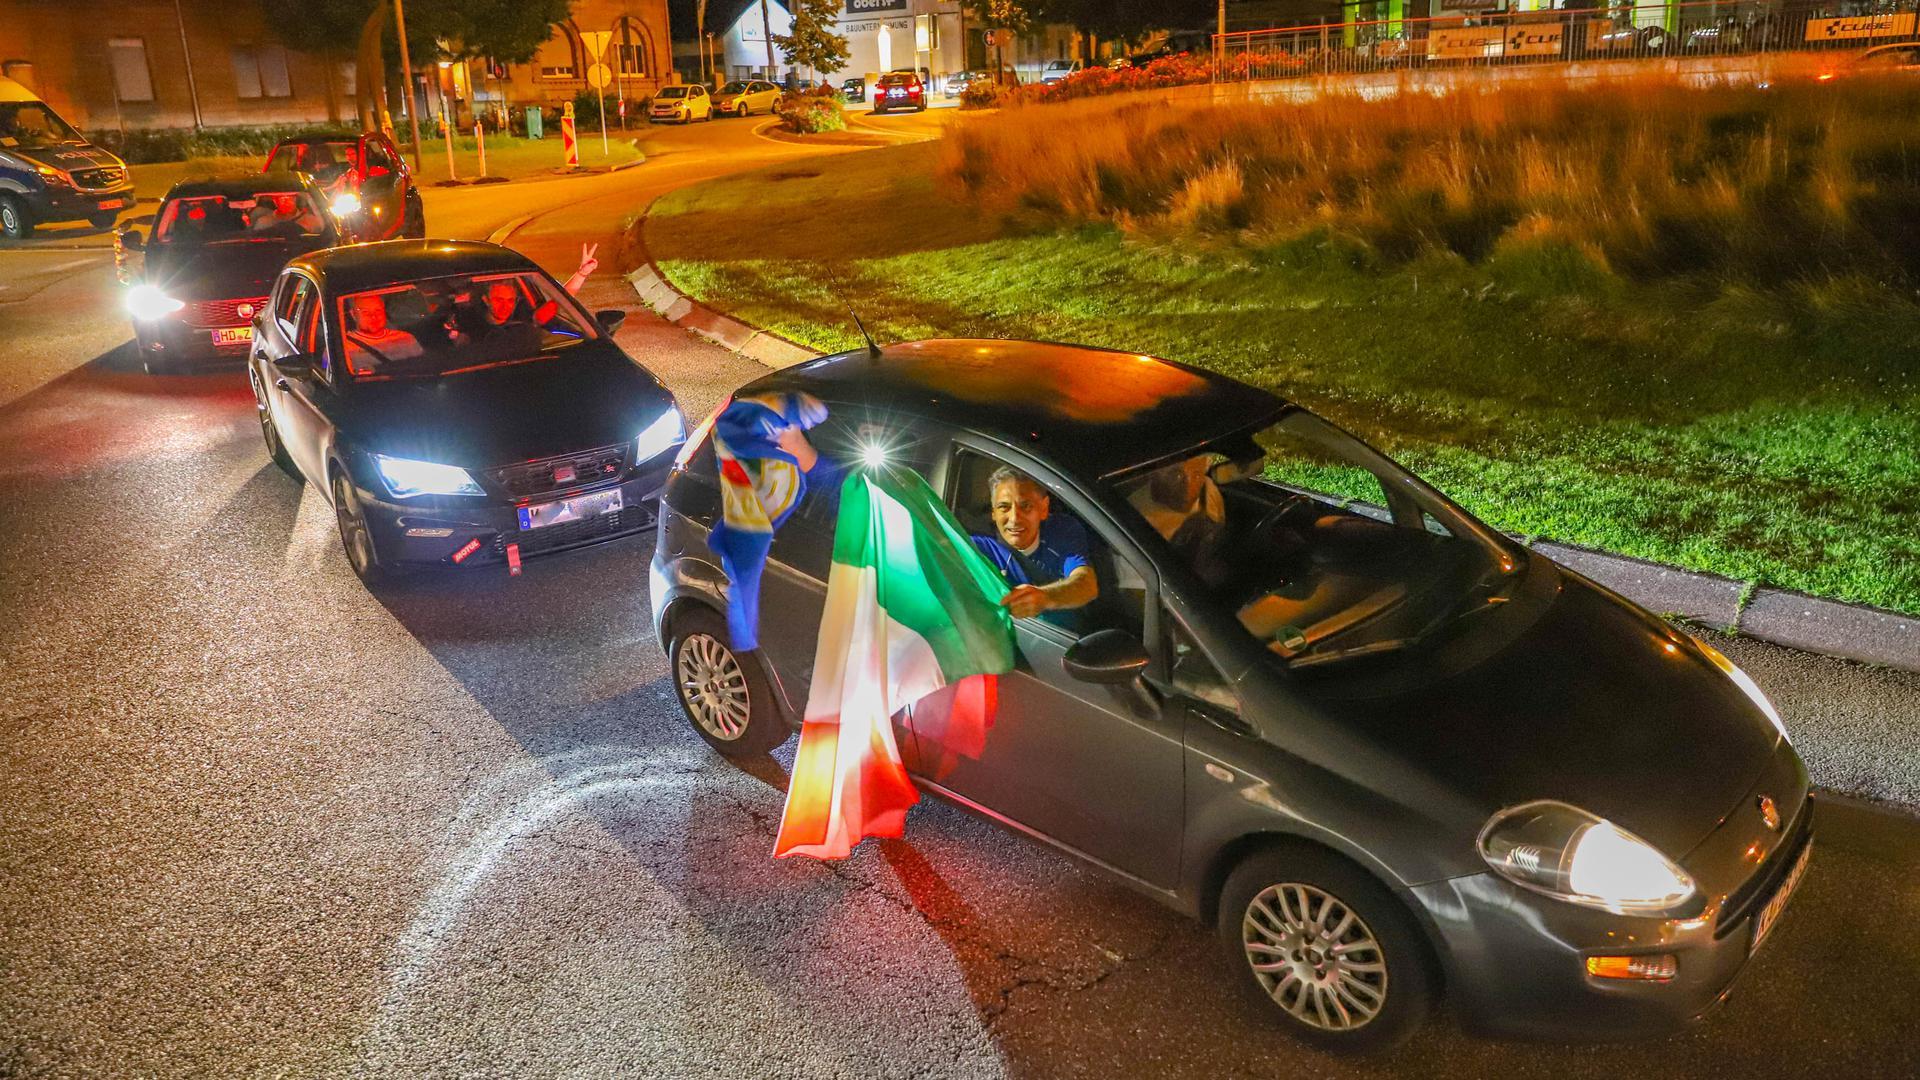 Autokorso in Bruchsal: Nach dem EM-Triumph zog es die Anhänger mit dem Auto auf die Straßen.